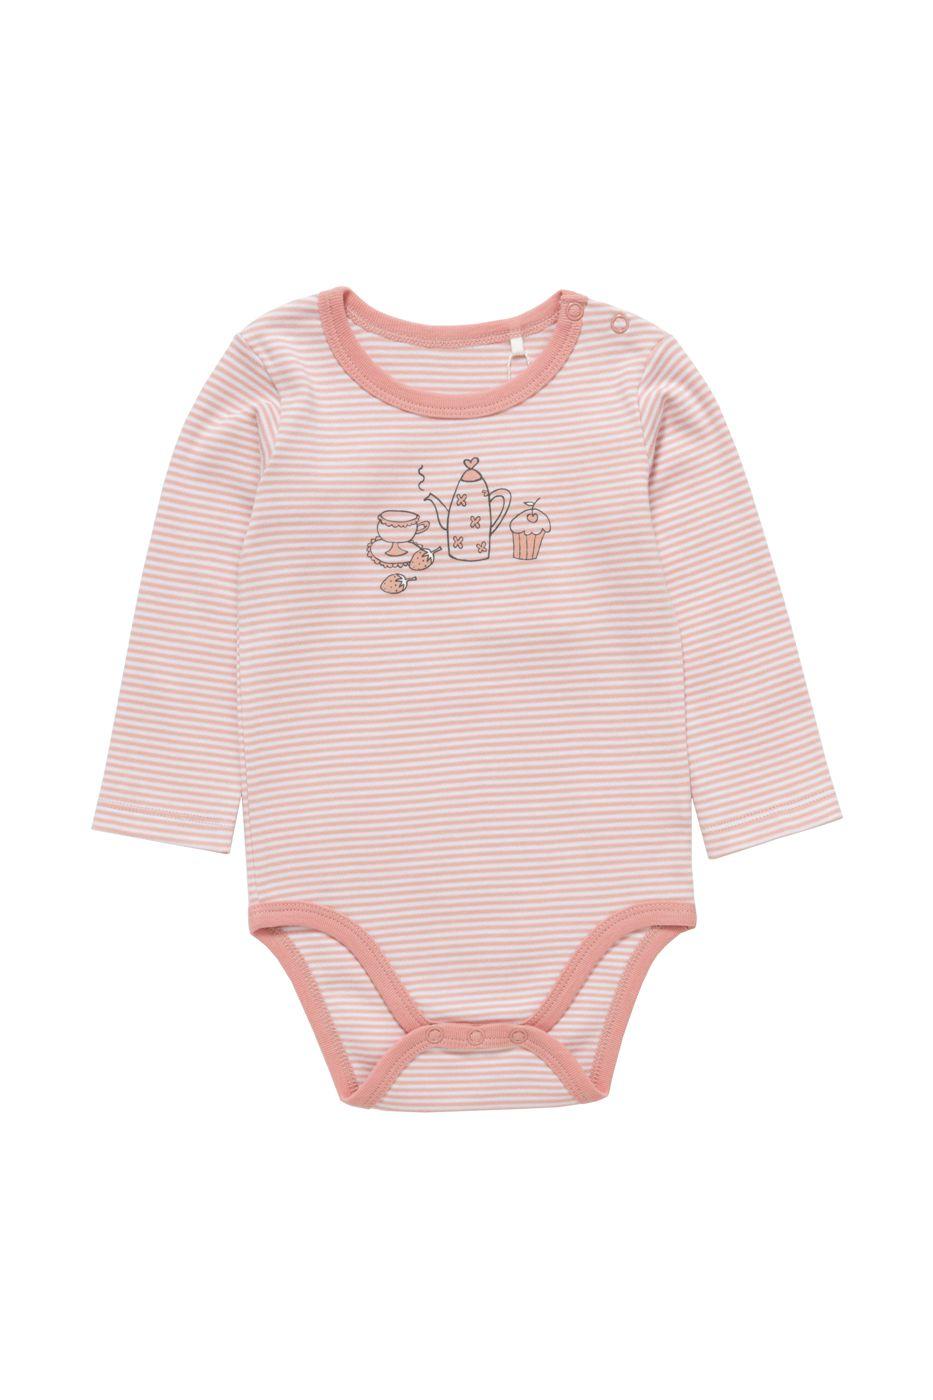 Боди детское artie, цв. розовый, р-р 74 Artie   фото